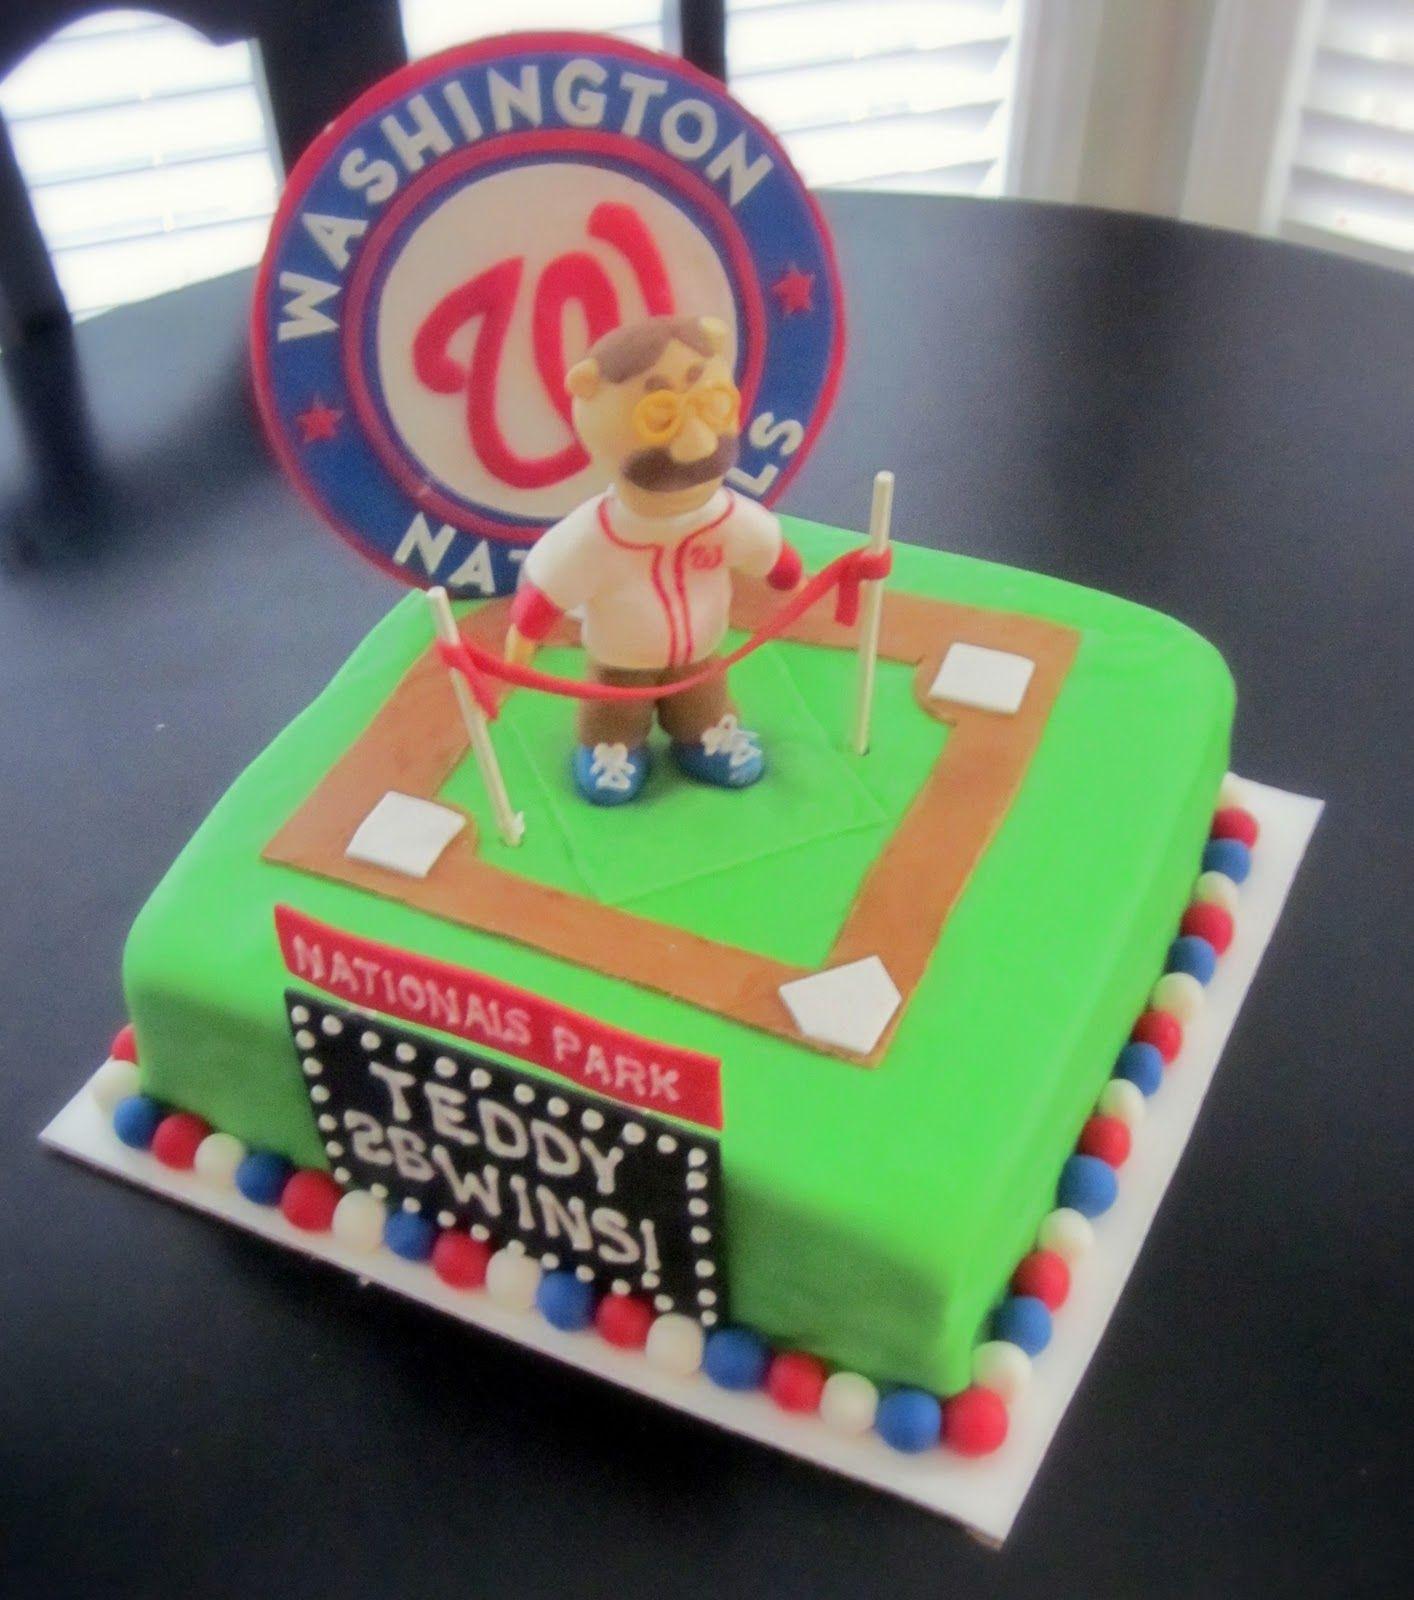 Washington Nationals cake Major League Baking Pinterest Cake